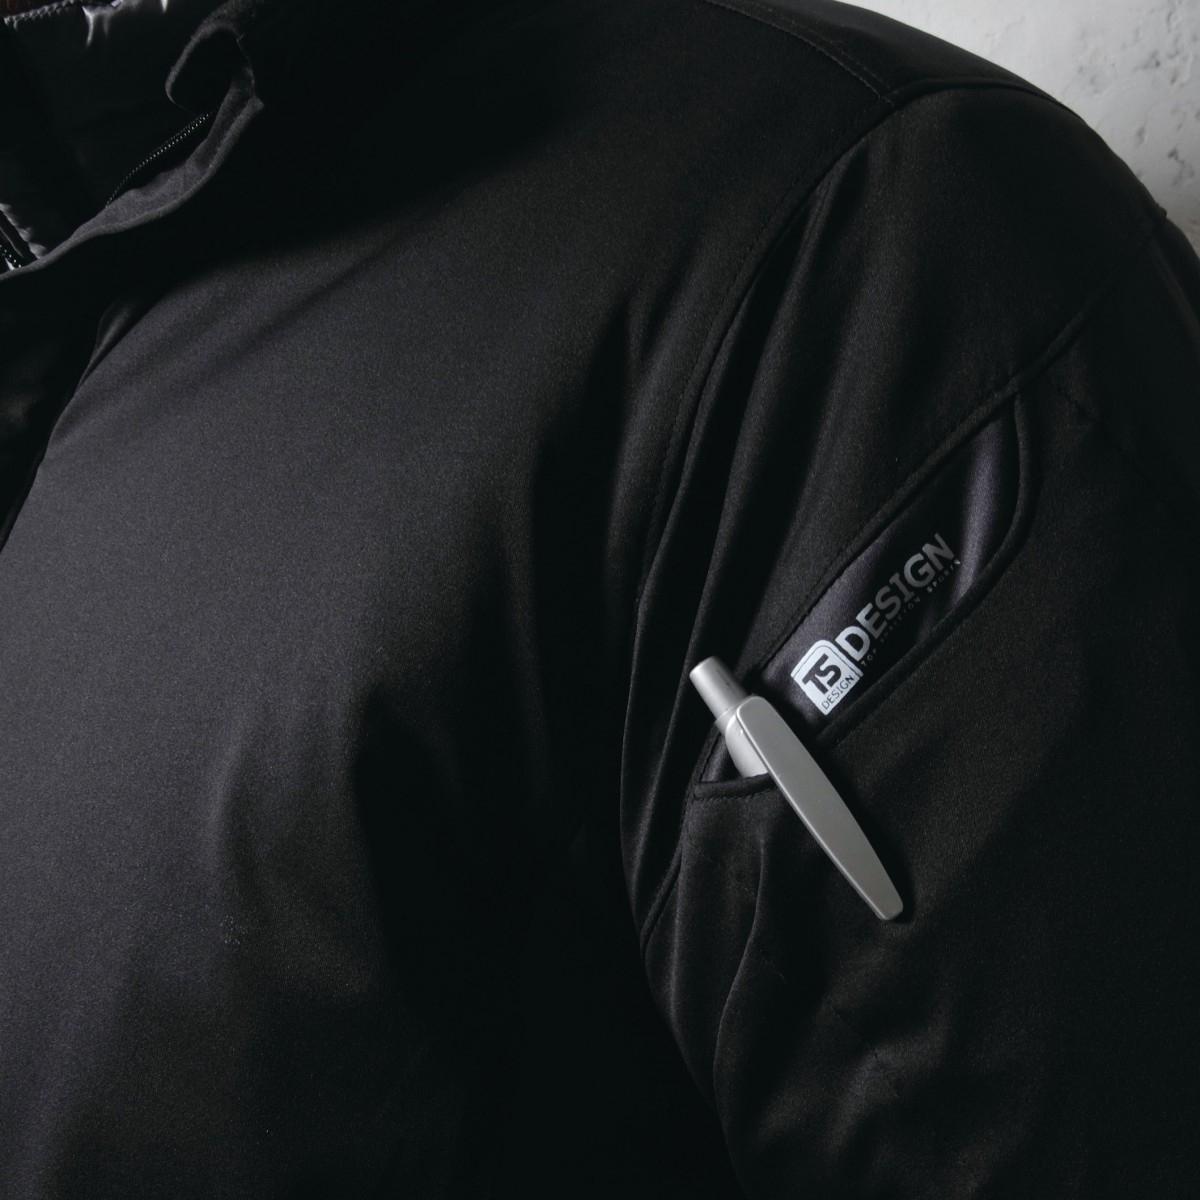 TS DESIGN  6626 防風ストレッチライトウォームジャケット 左袖にマルチポケットを採用。スマホもOK。